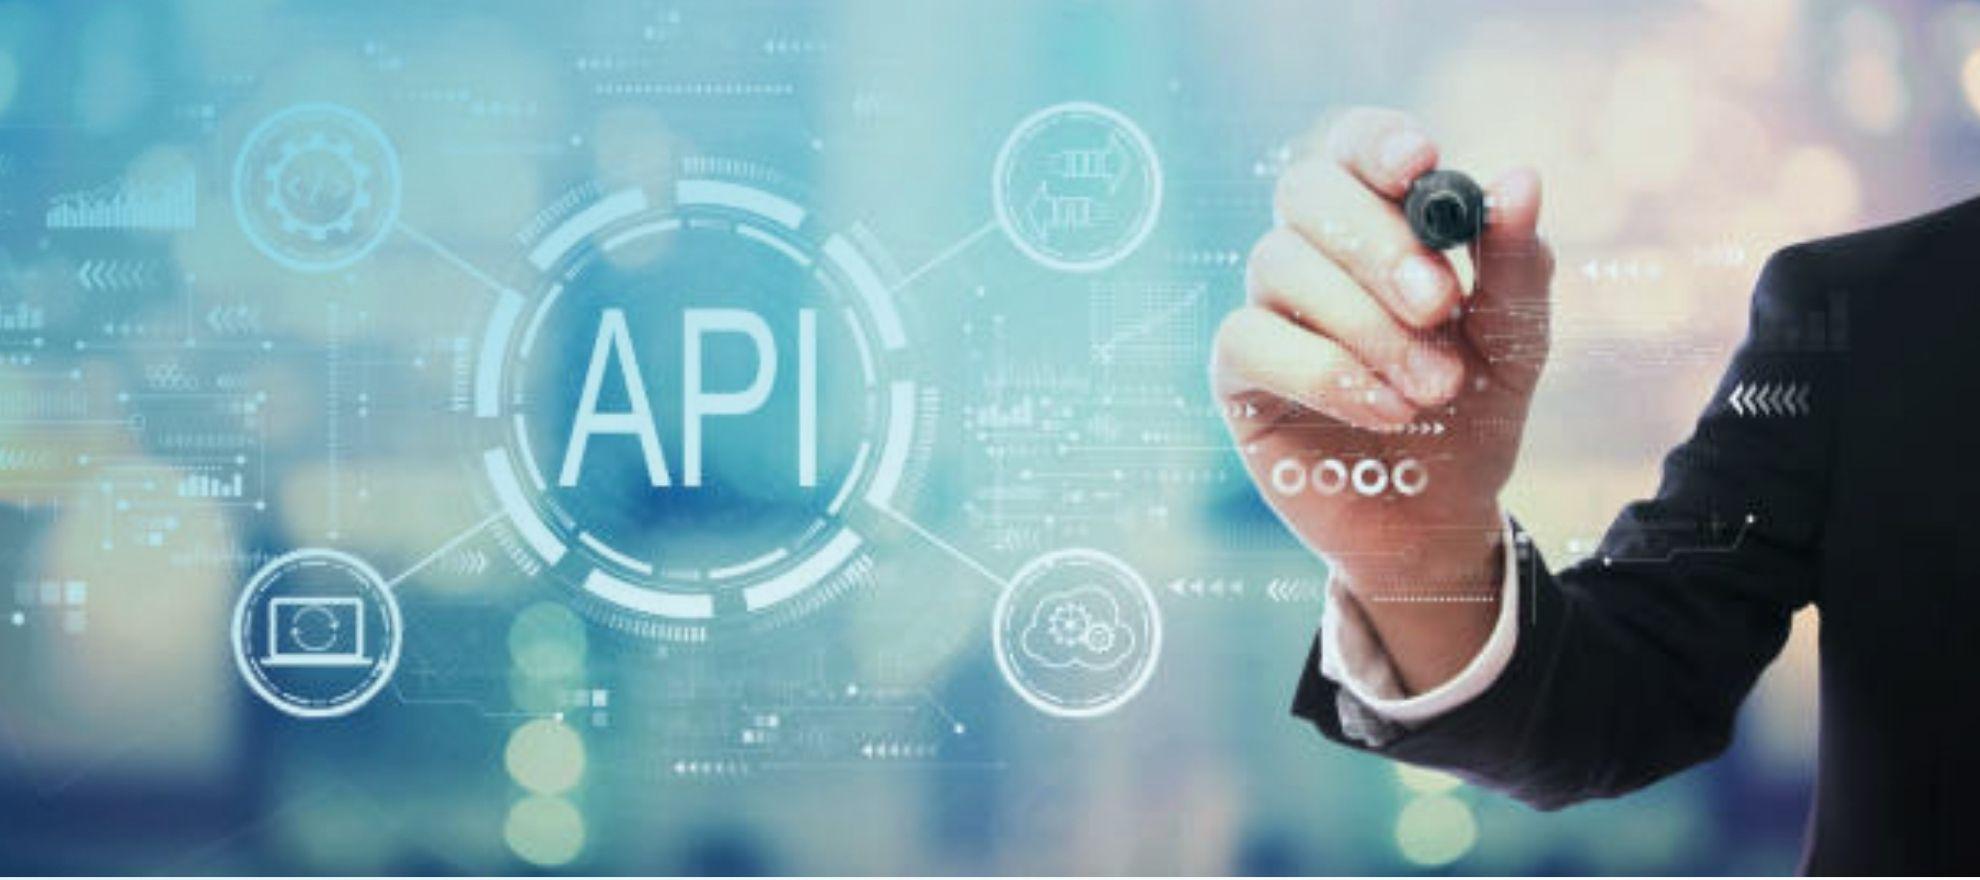 API: Entenda o conceito e a suas utilidades